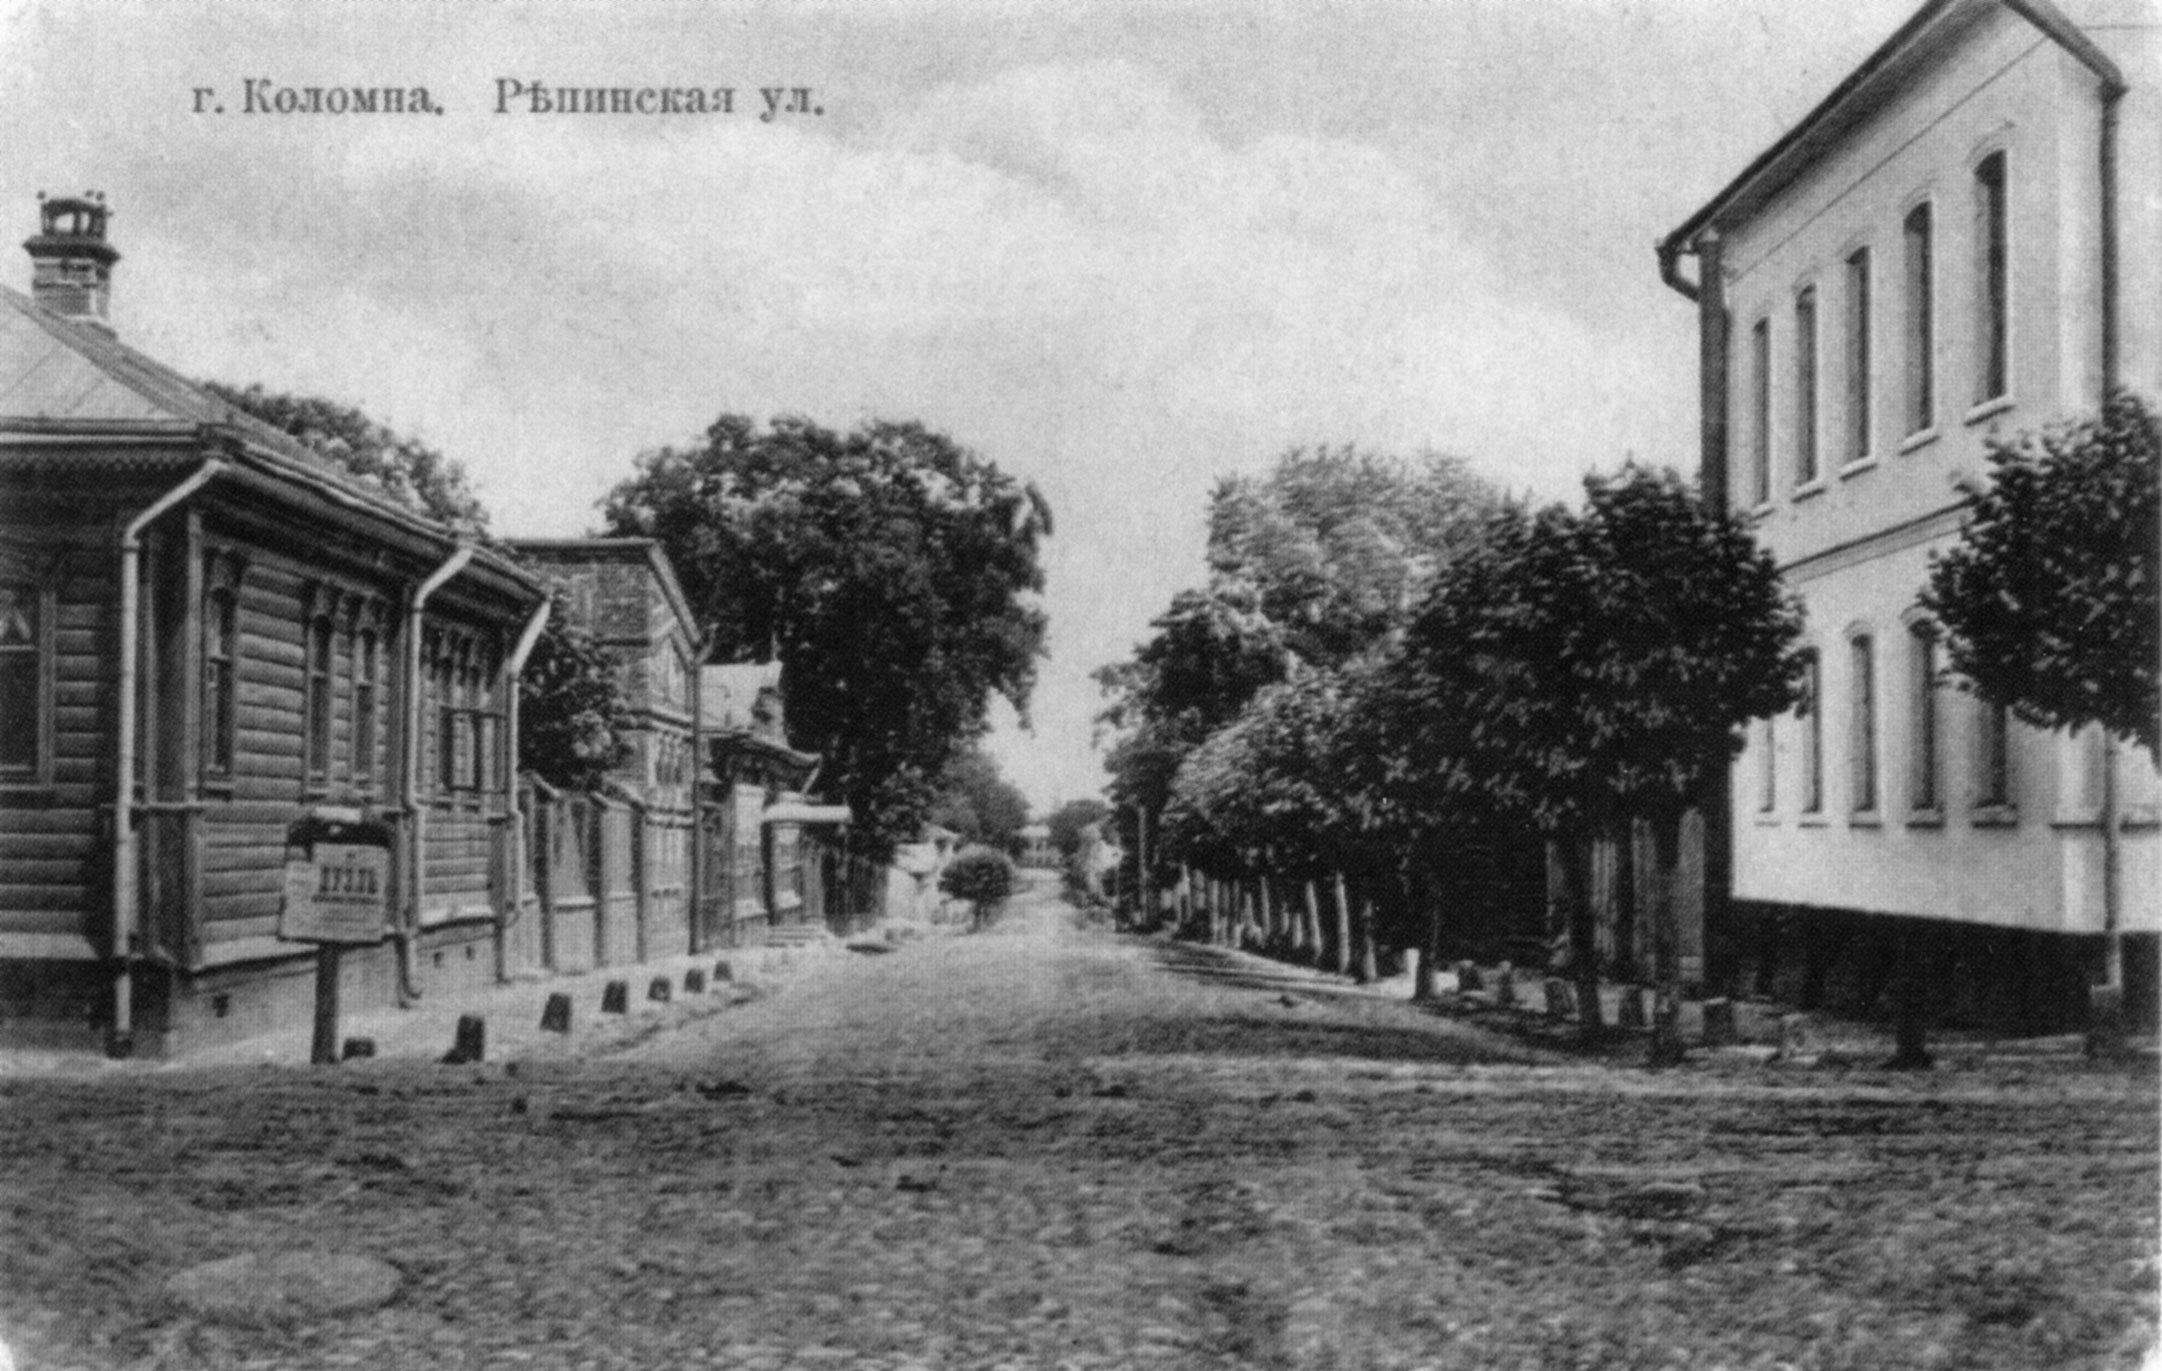 Репинская улица